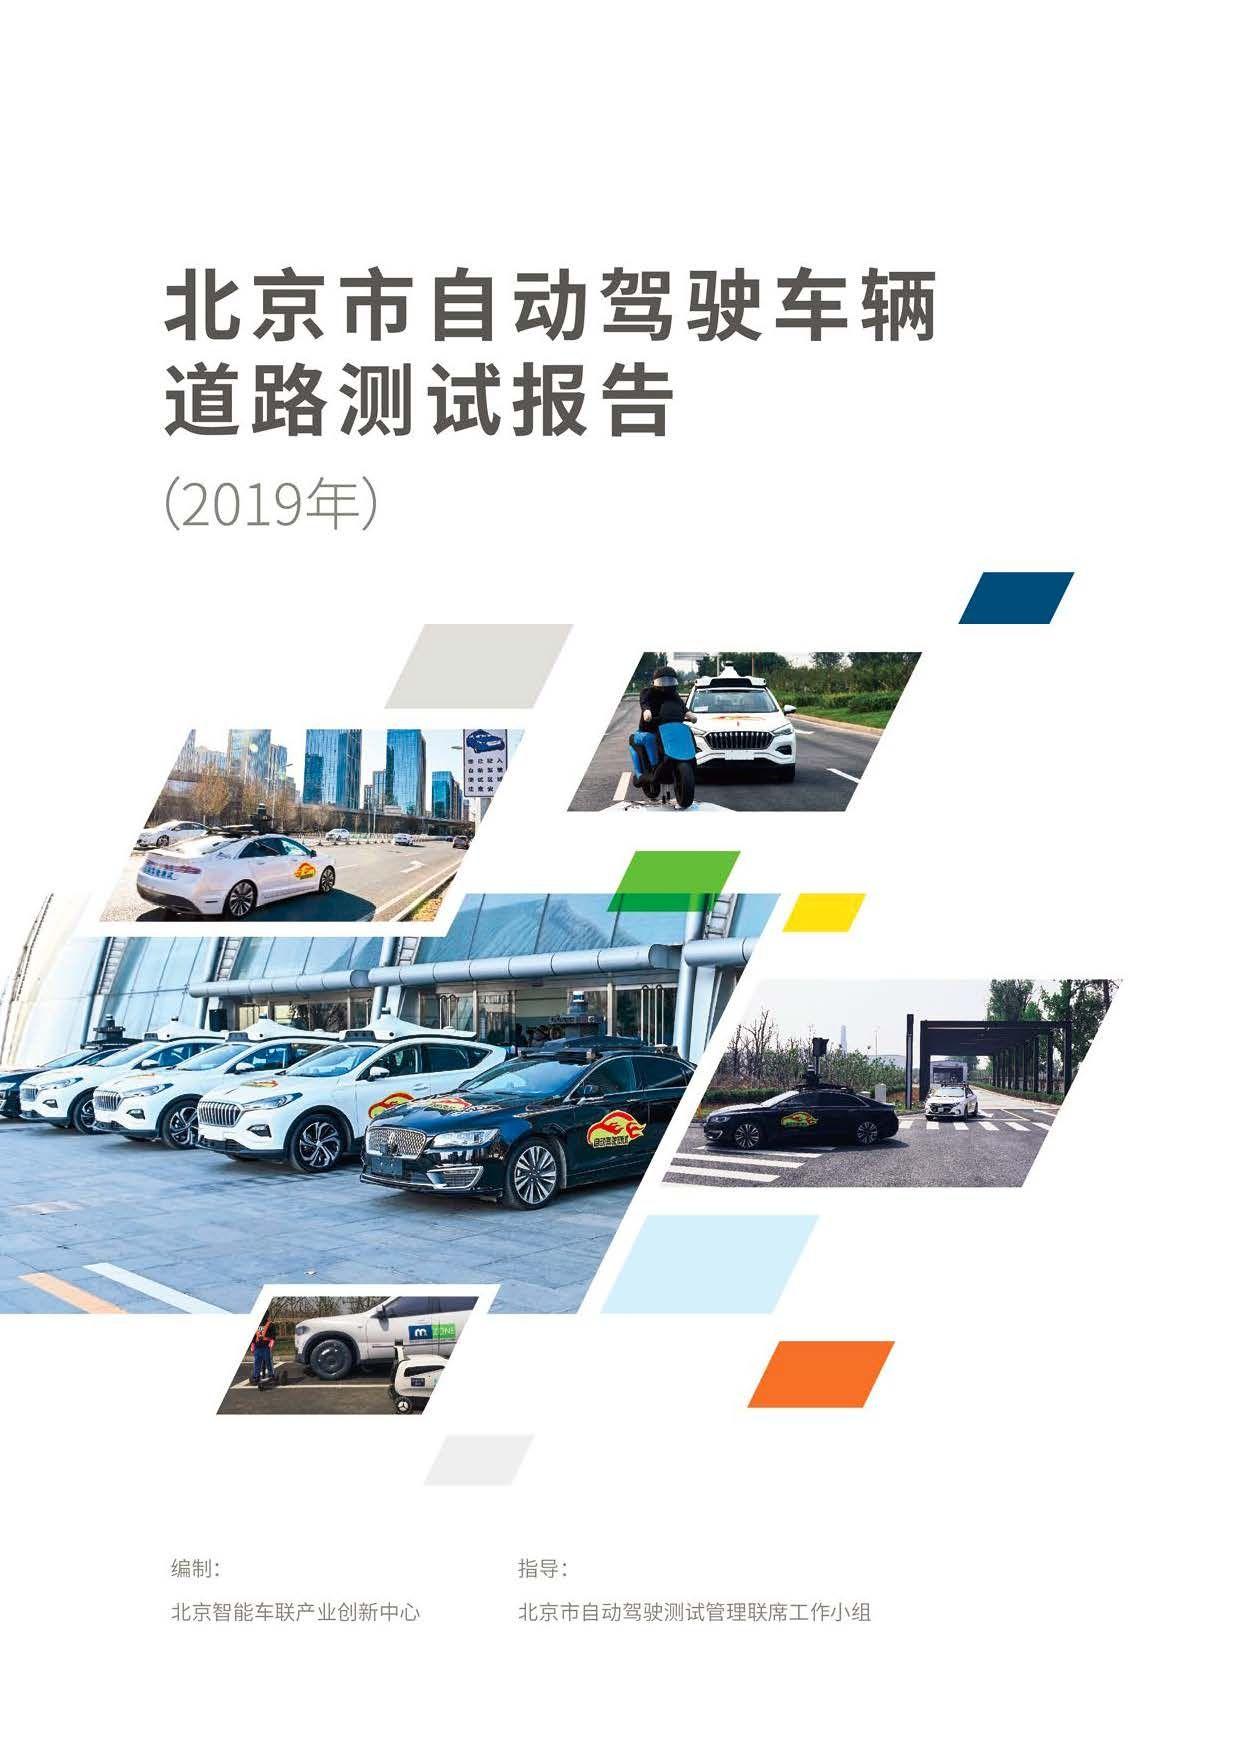 北京市自动驾驶车辆道路测试报告(2019)(附下载)